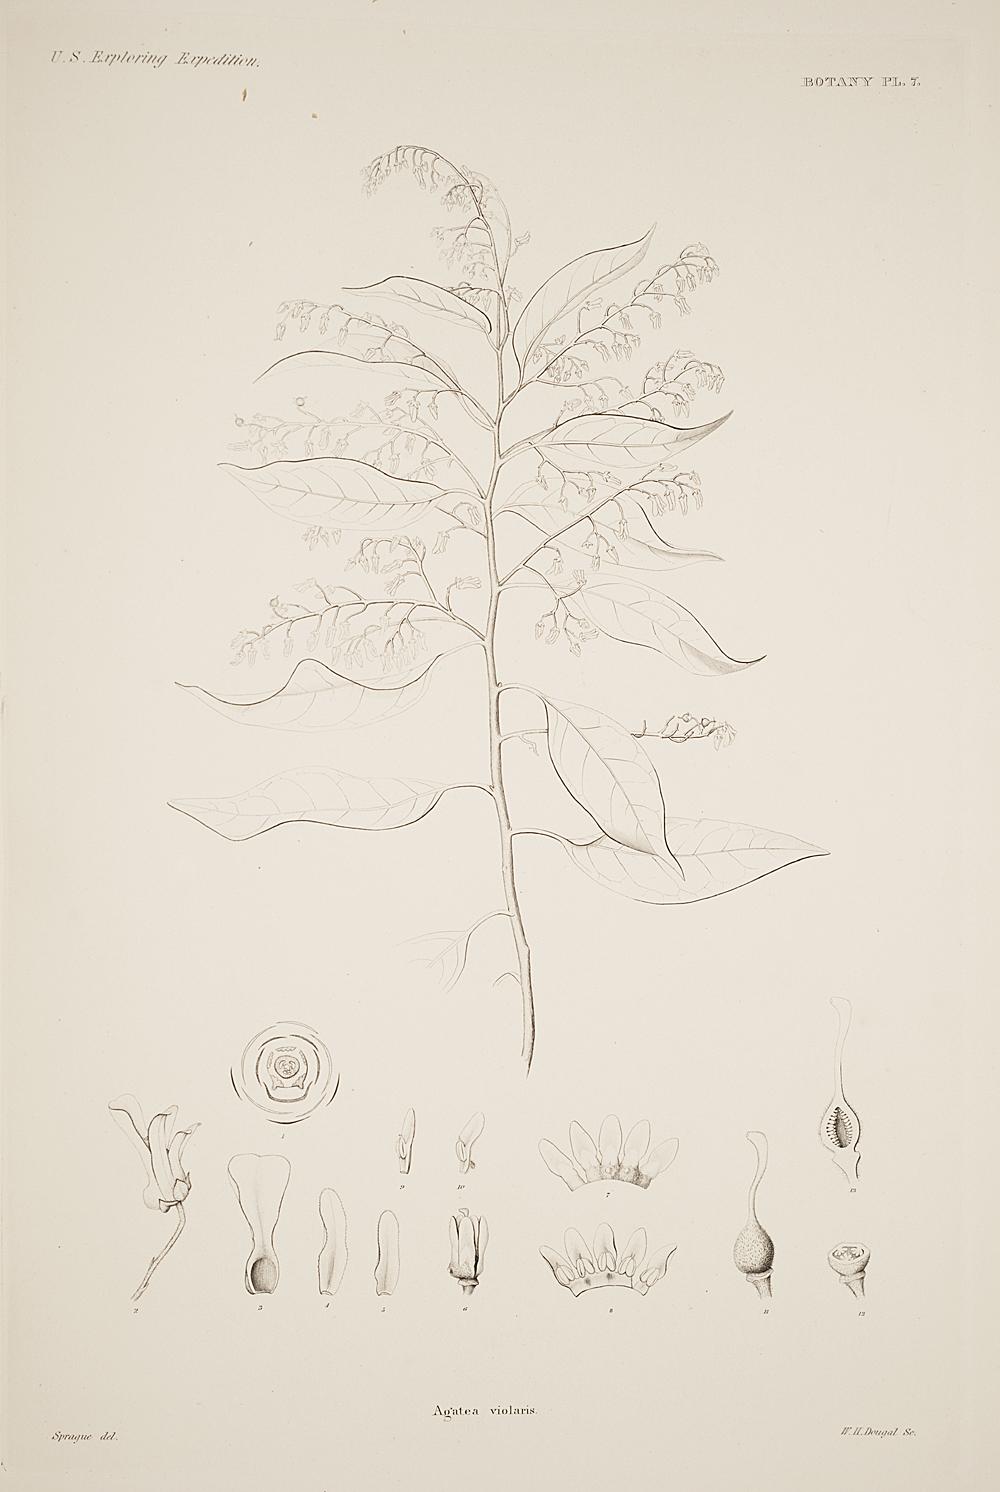 Botany, Pl. 7,  Image number:sil19-23-025b